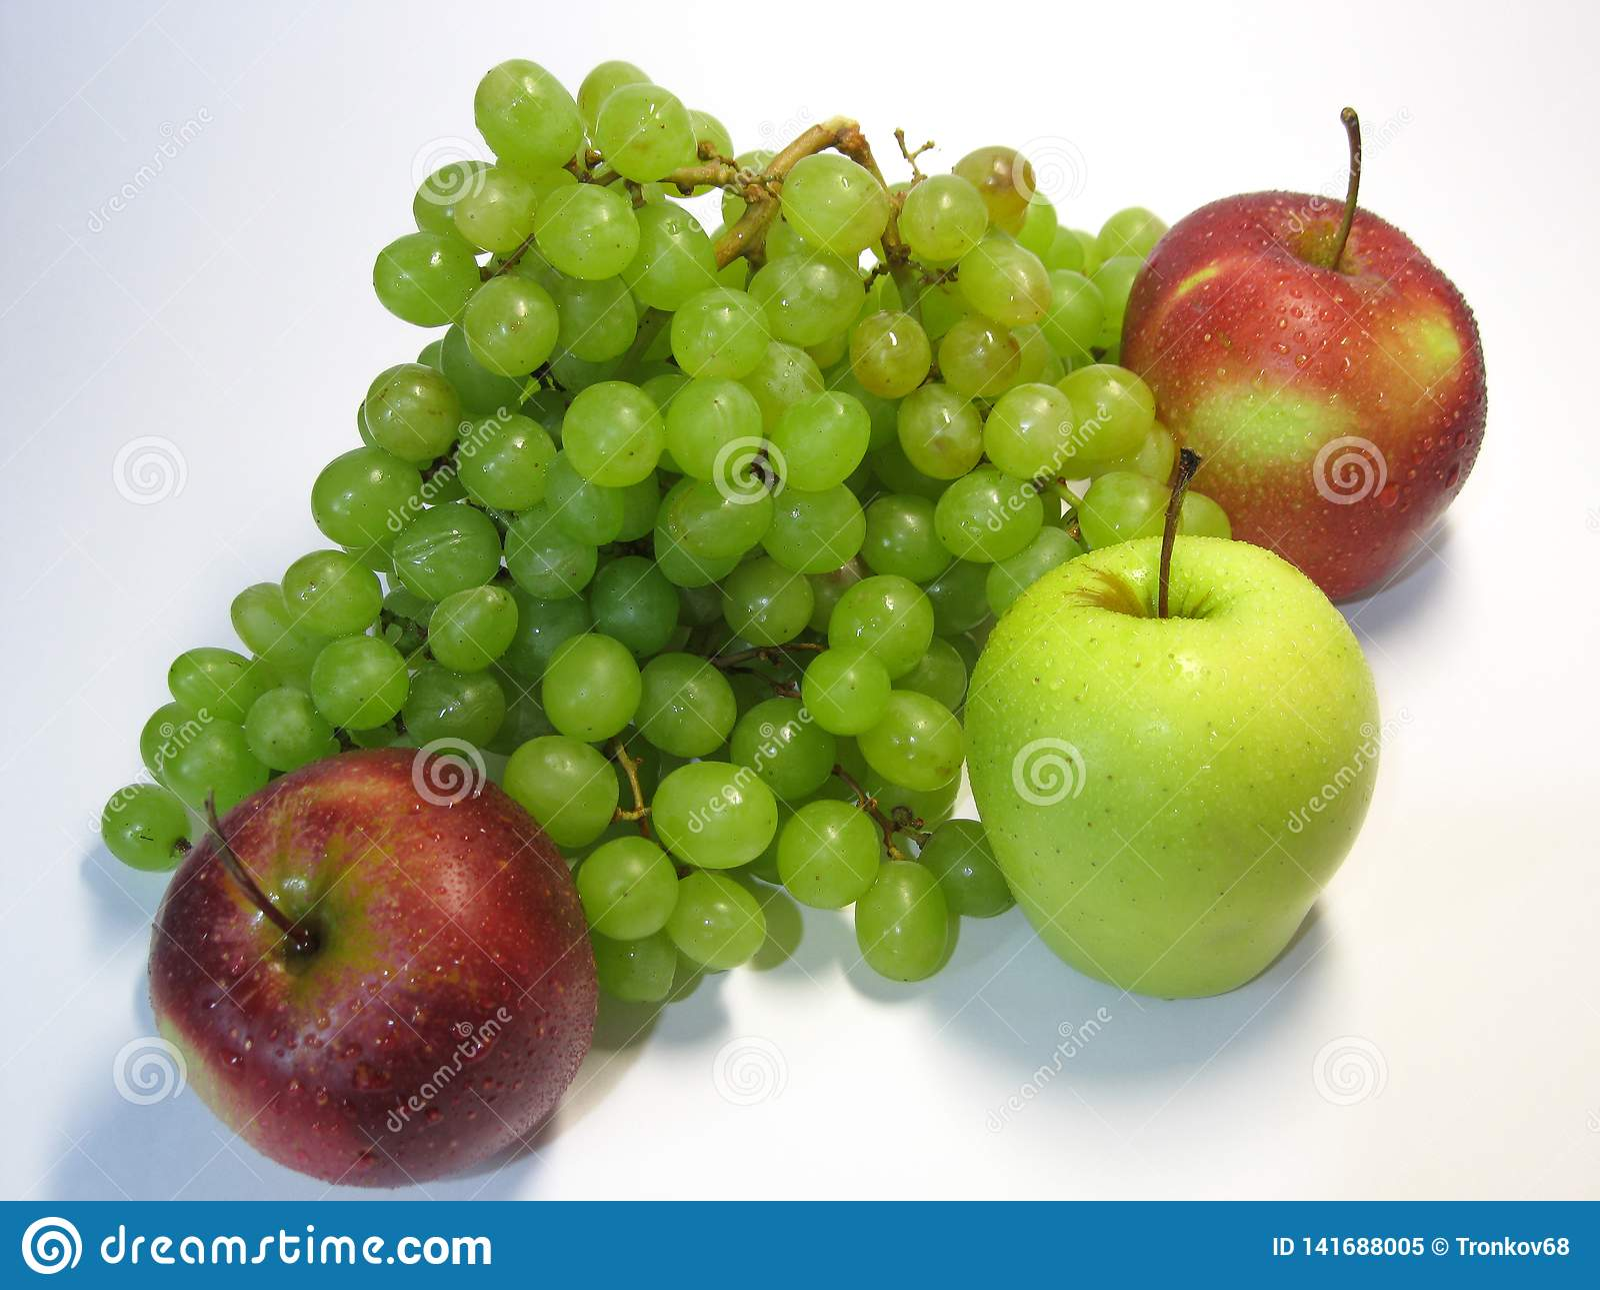 Jabłka i winogrona - piękno, korzyść, smak i zdrowie, niewyczerpalny źródło witaminy